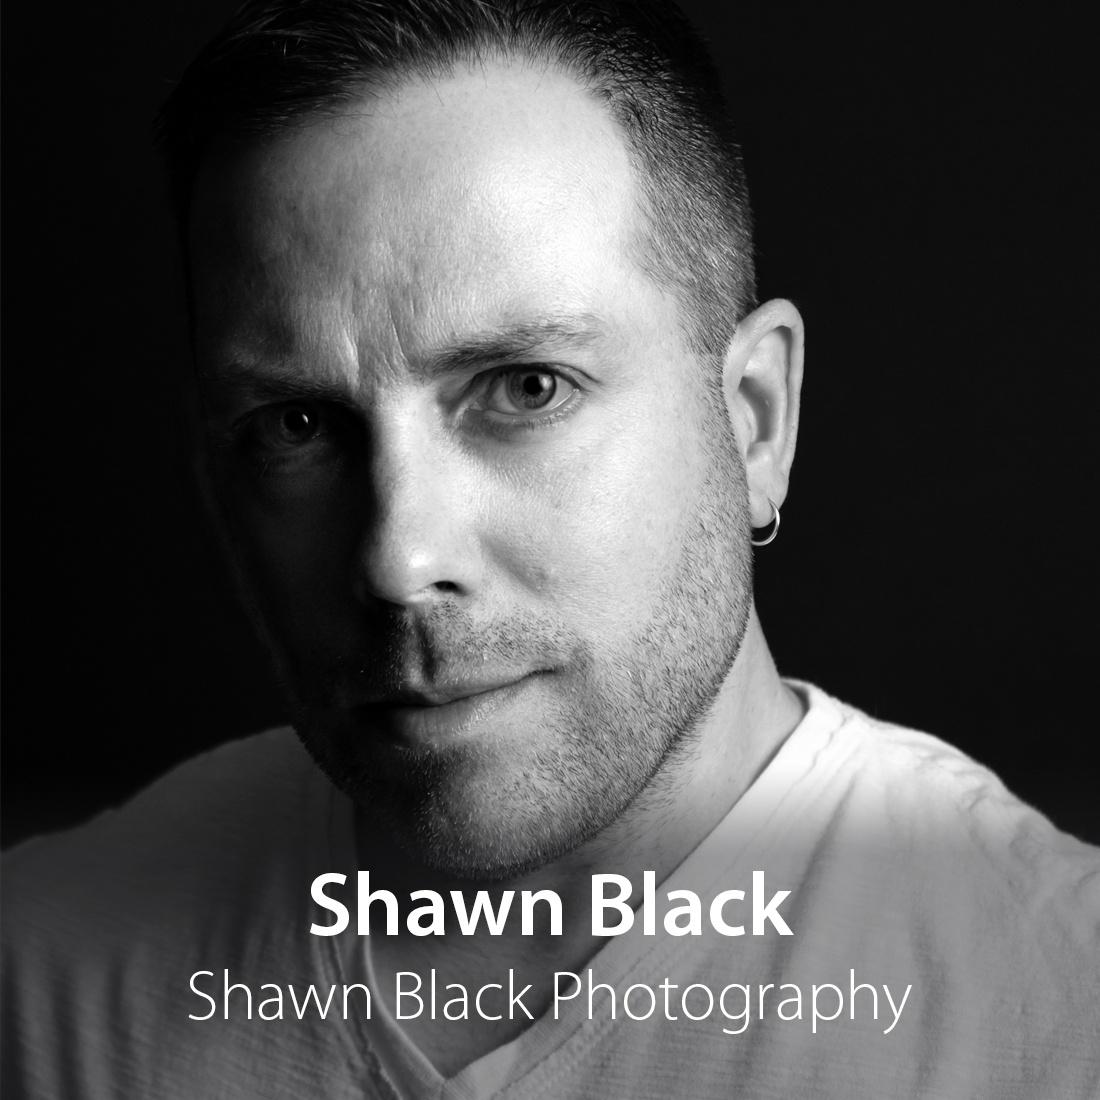 Shawn_Black_Square